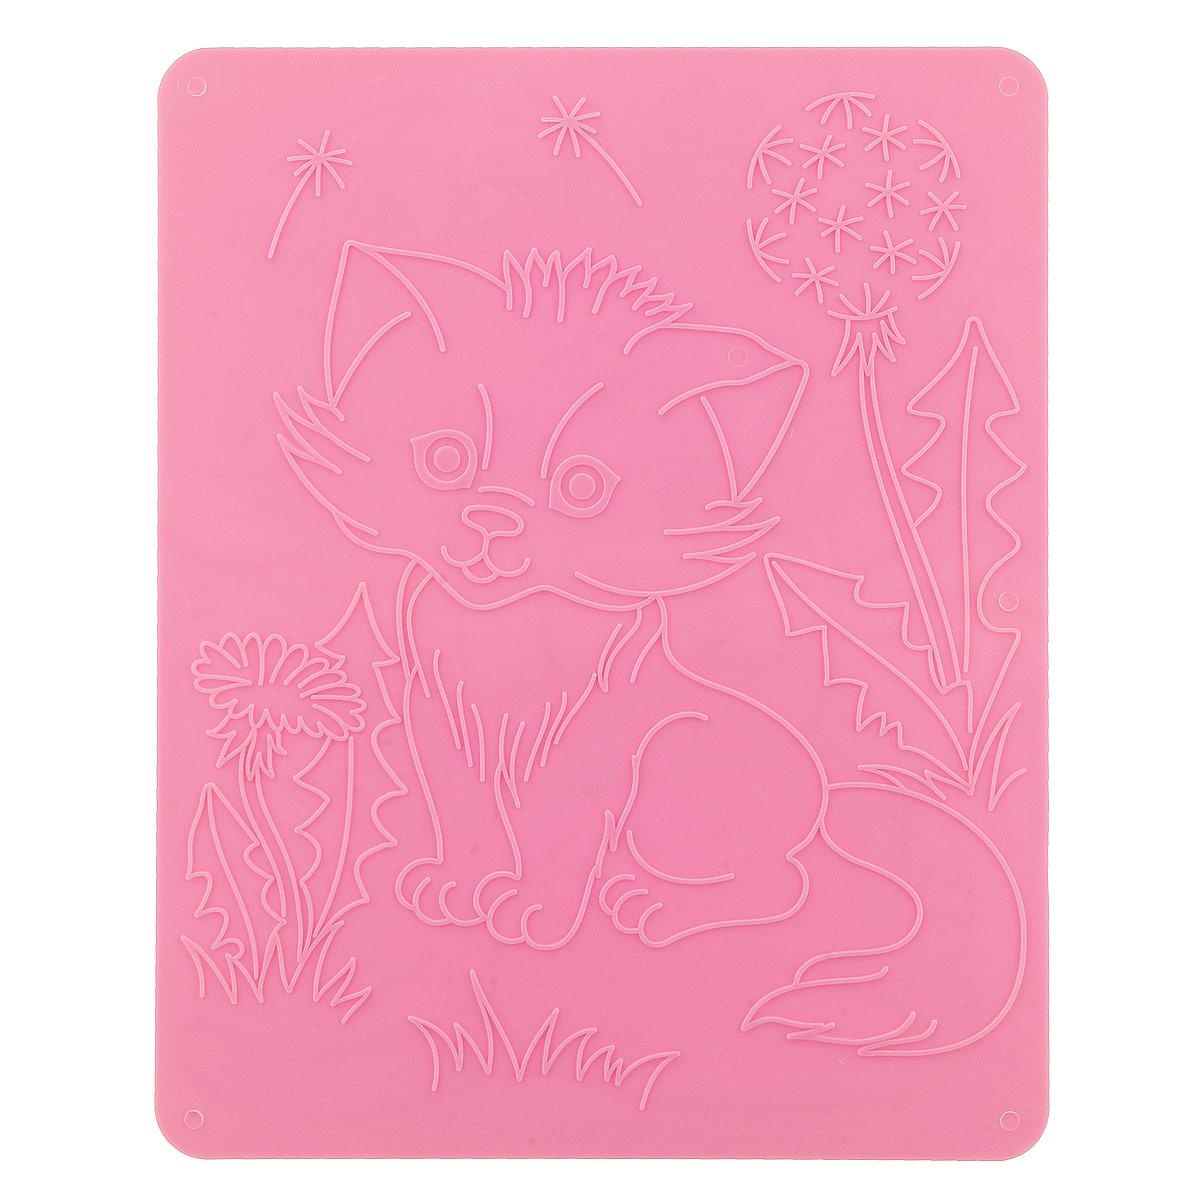 Трафареты рельефные Луч Кошки18С 1177-08Трафареты рельефные Луч серии Кошки, выполненные из безопасного пластика, предназначены для детского творчества. Трафареты не имеют традиционных прорезей - рисунок выступает над плоской поверхностью. Чтобы получить рисунок на бумаге, трафарет кладется под лист, а сверху бумага штрихуется с помощью восковых карандашей. Метод штриховки особенно полезен при подготовке ребенка к школе, развивается мелкая моторика, зрительное восприятие, аккуратность, и вместе с тем, ребенок с увлечением учится рисовать. Также трафарет предназначен для развития зрительно-двигательной координации и навыков художественной композиции. В упаковке один двусторонний трафарет с изображением милых котят. Трафареты предназначены для работы с восковыми карандашами.